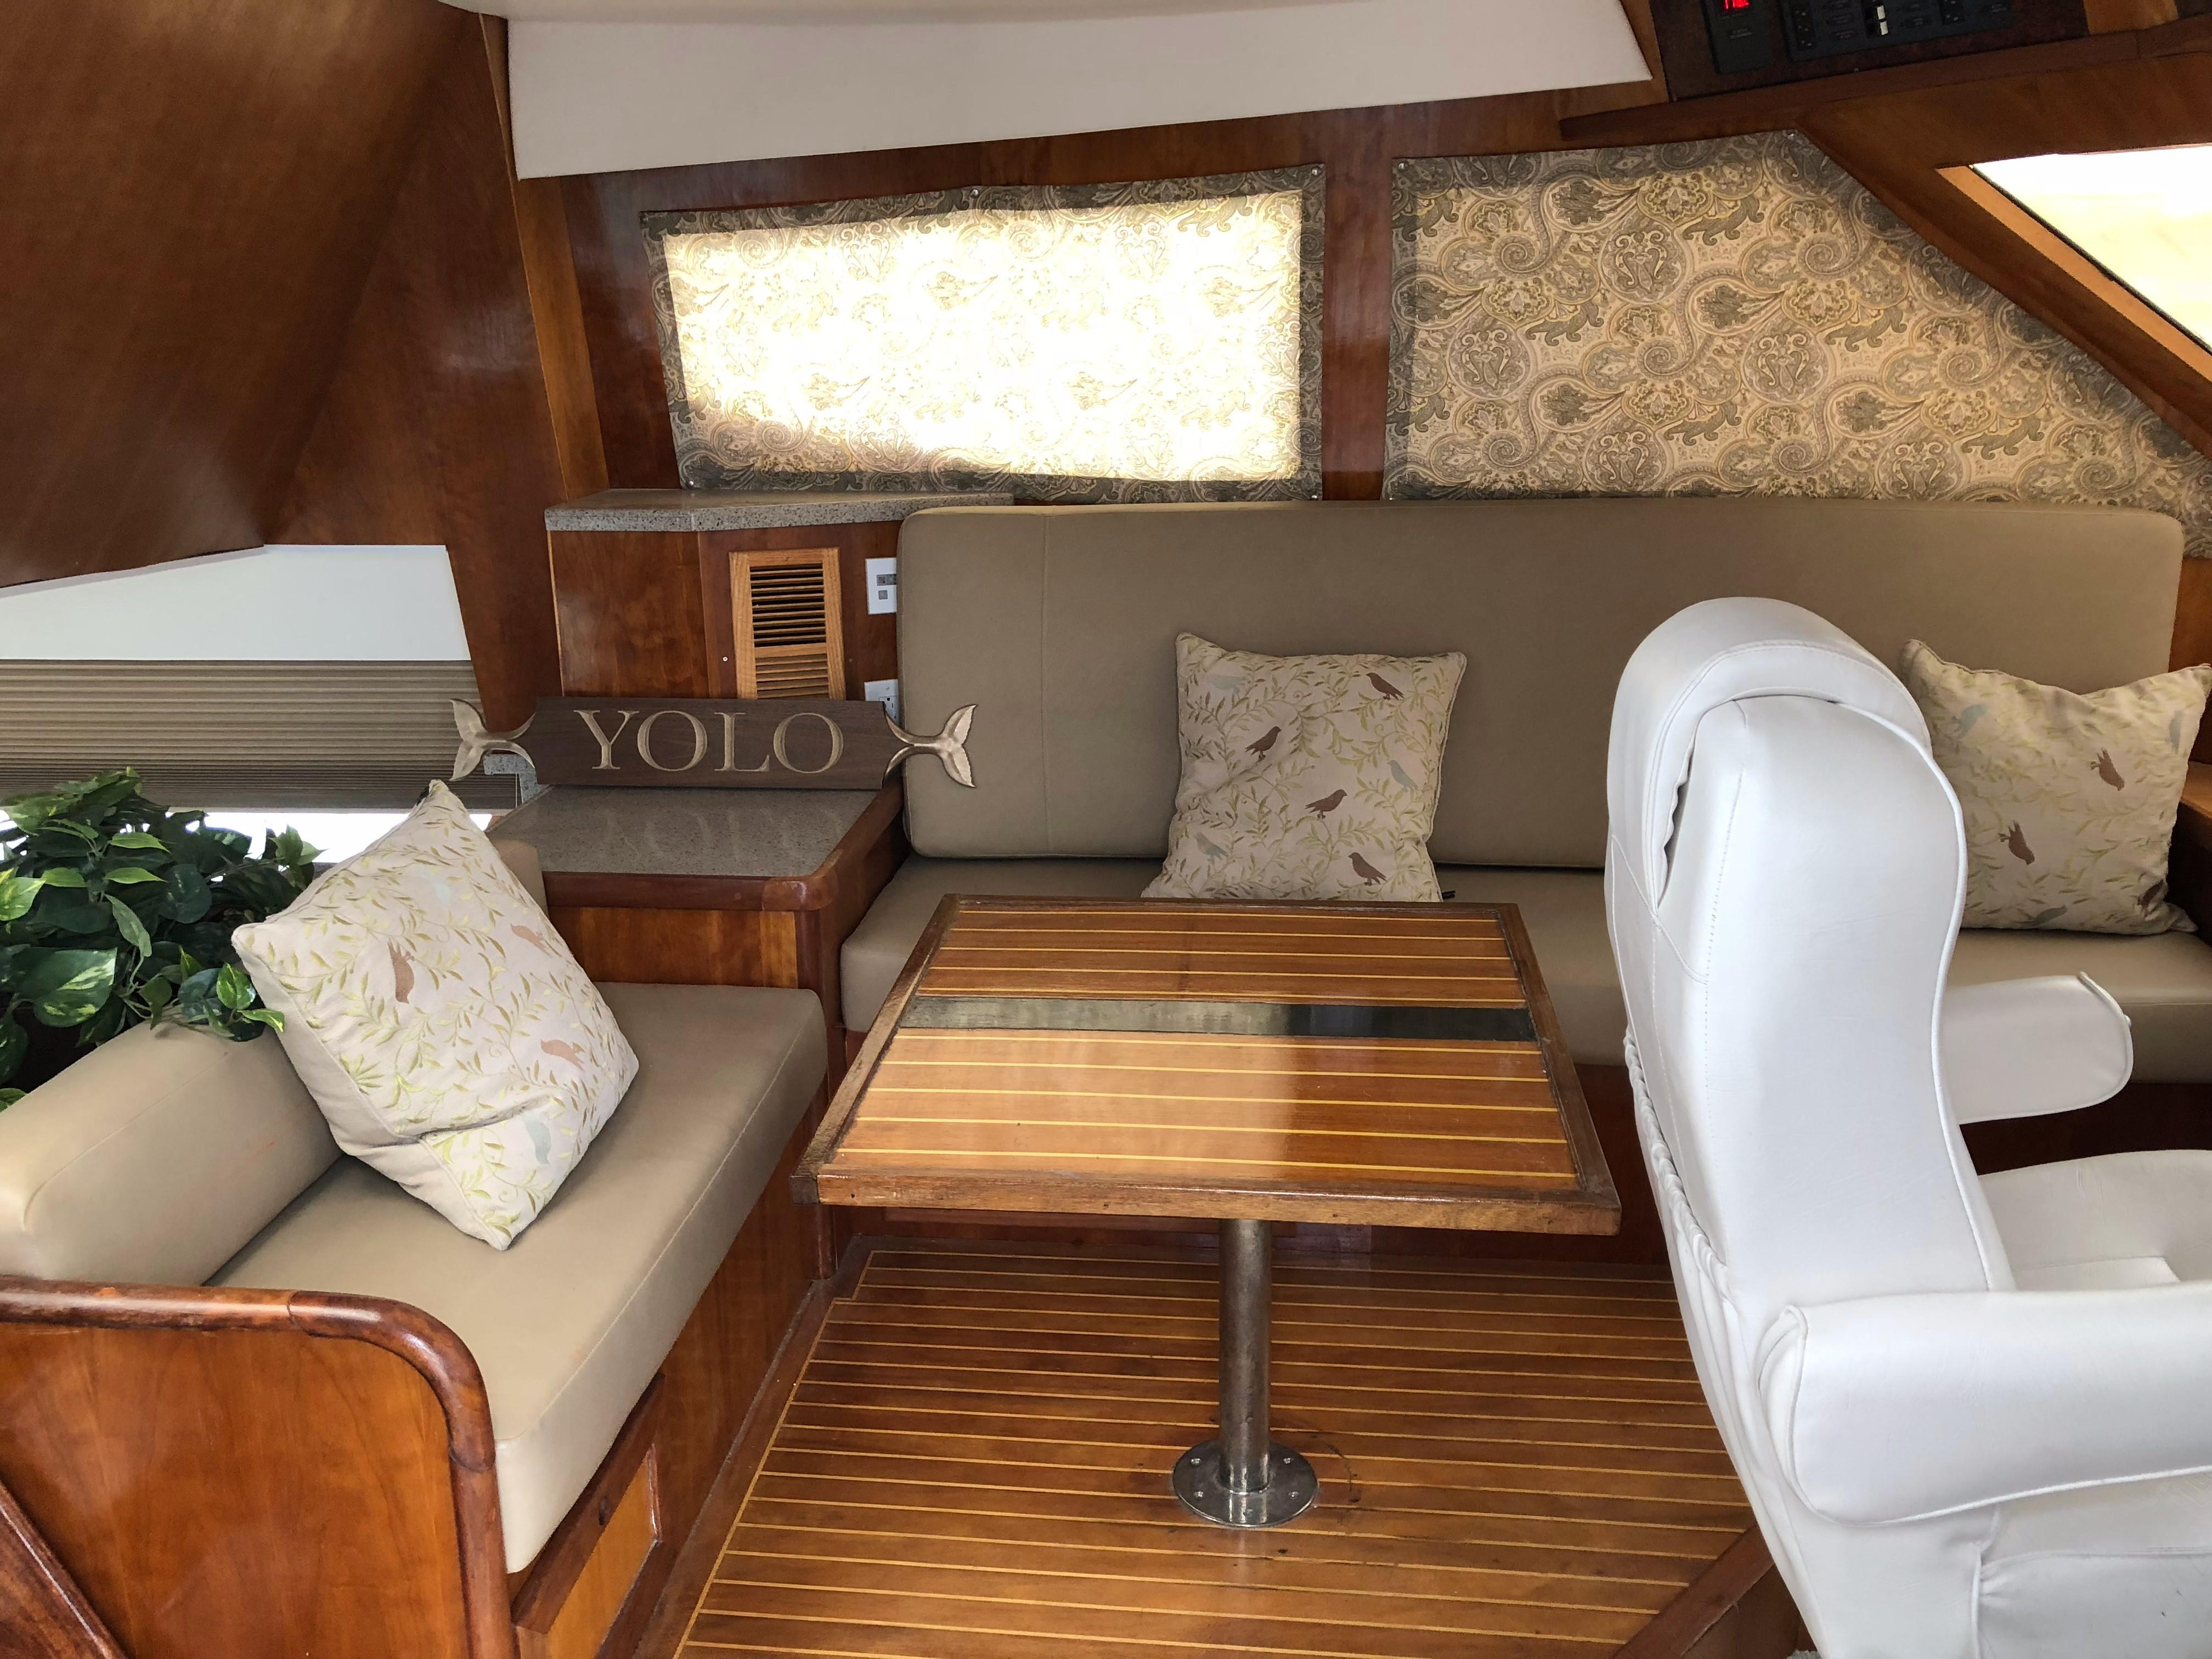 57 McKinna Yolo 2001 Cranston | Denison Yacht Sales